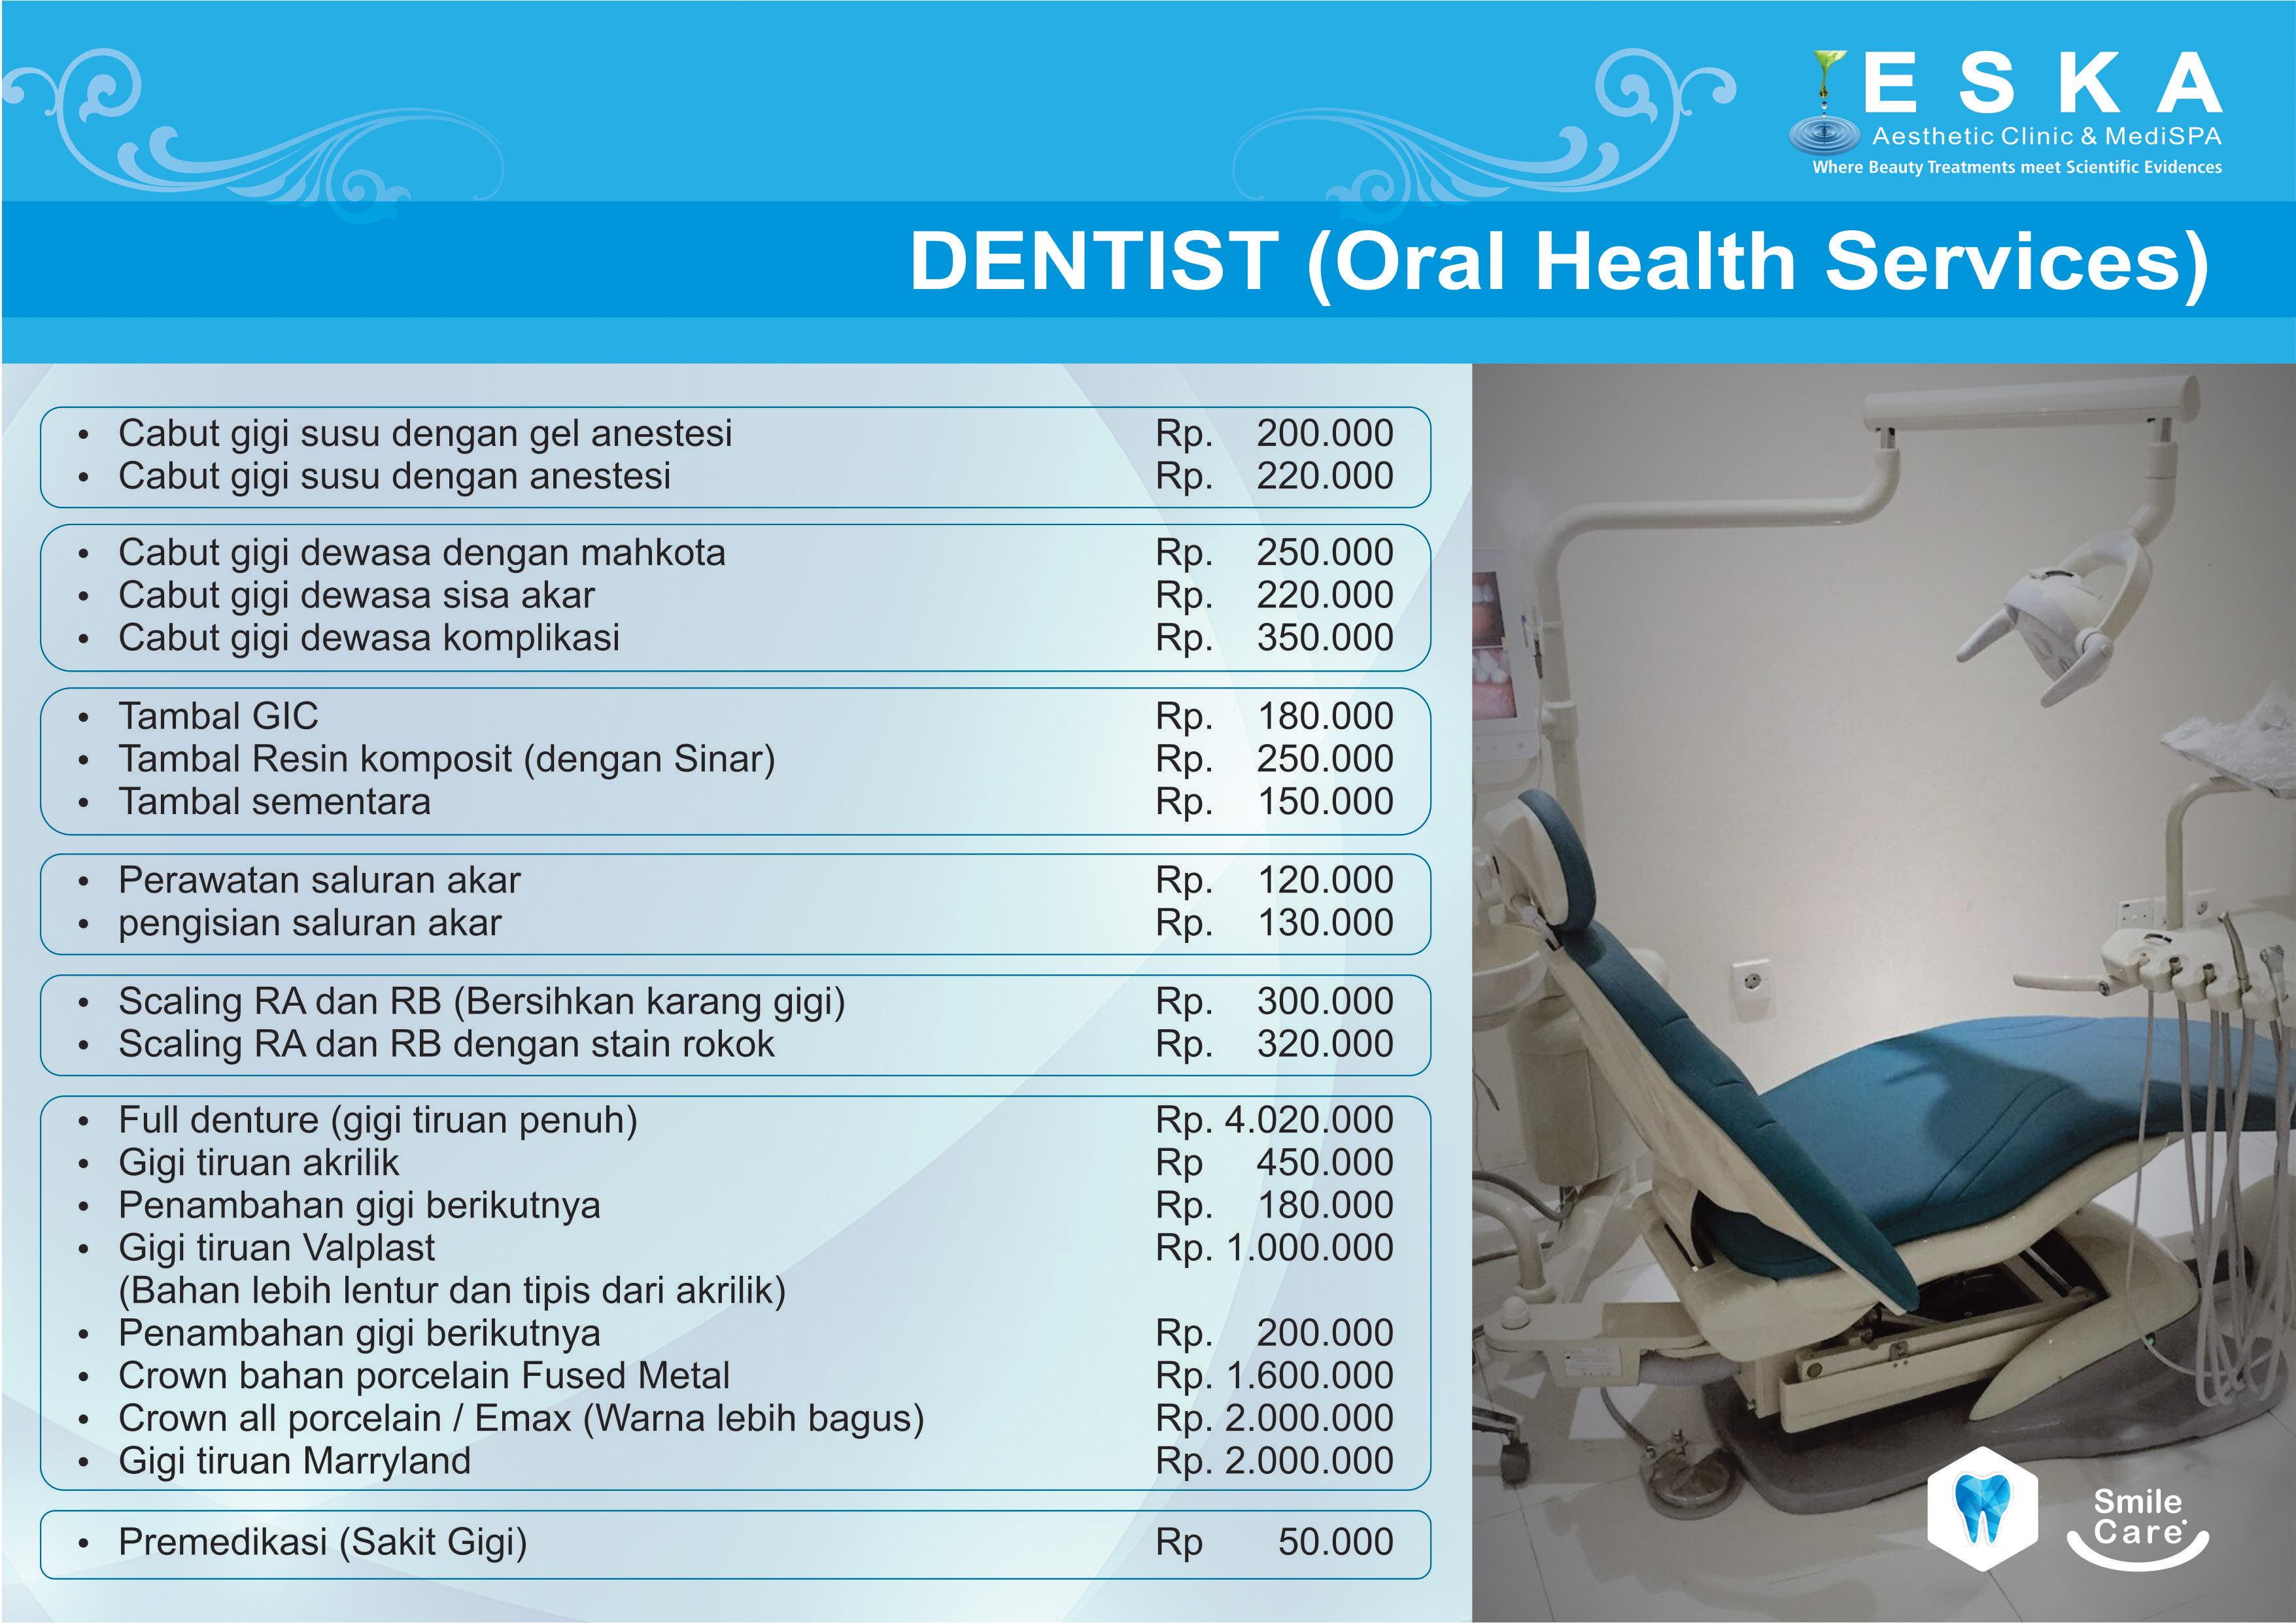 eska group batam Daftar Harga Dentist-NEW-14122016-1